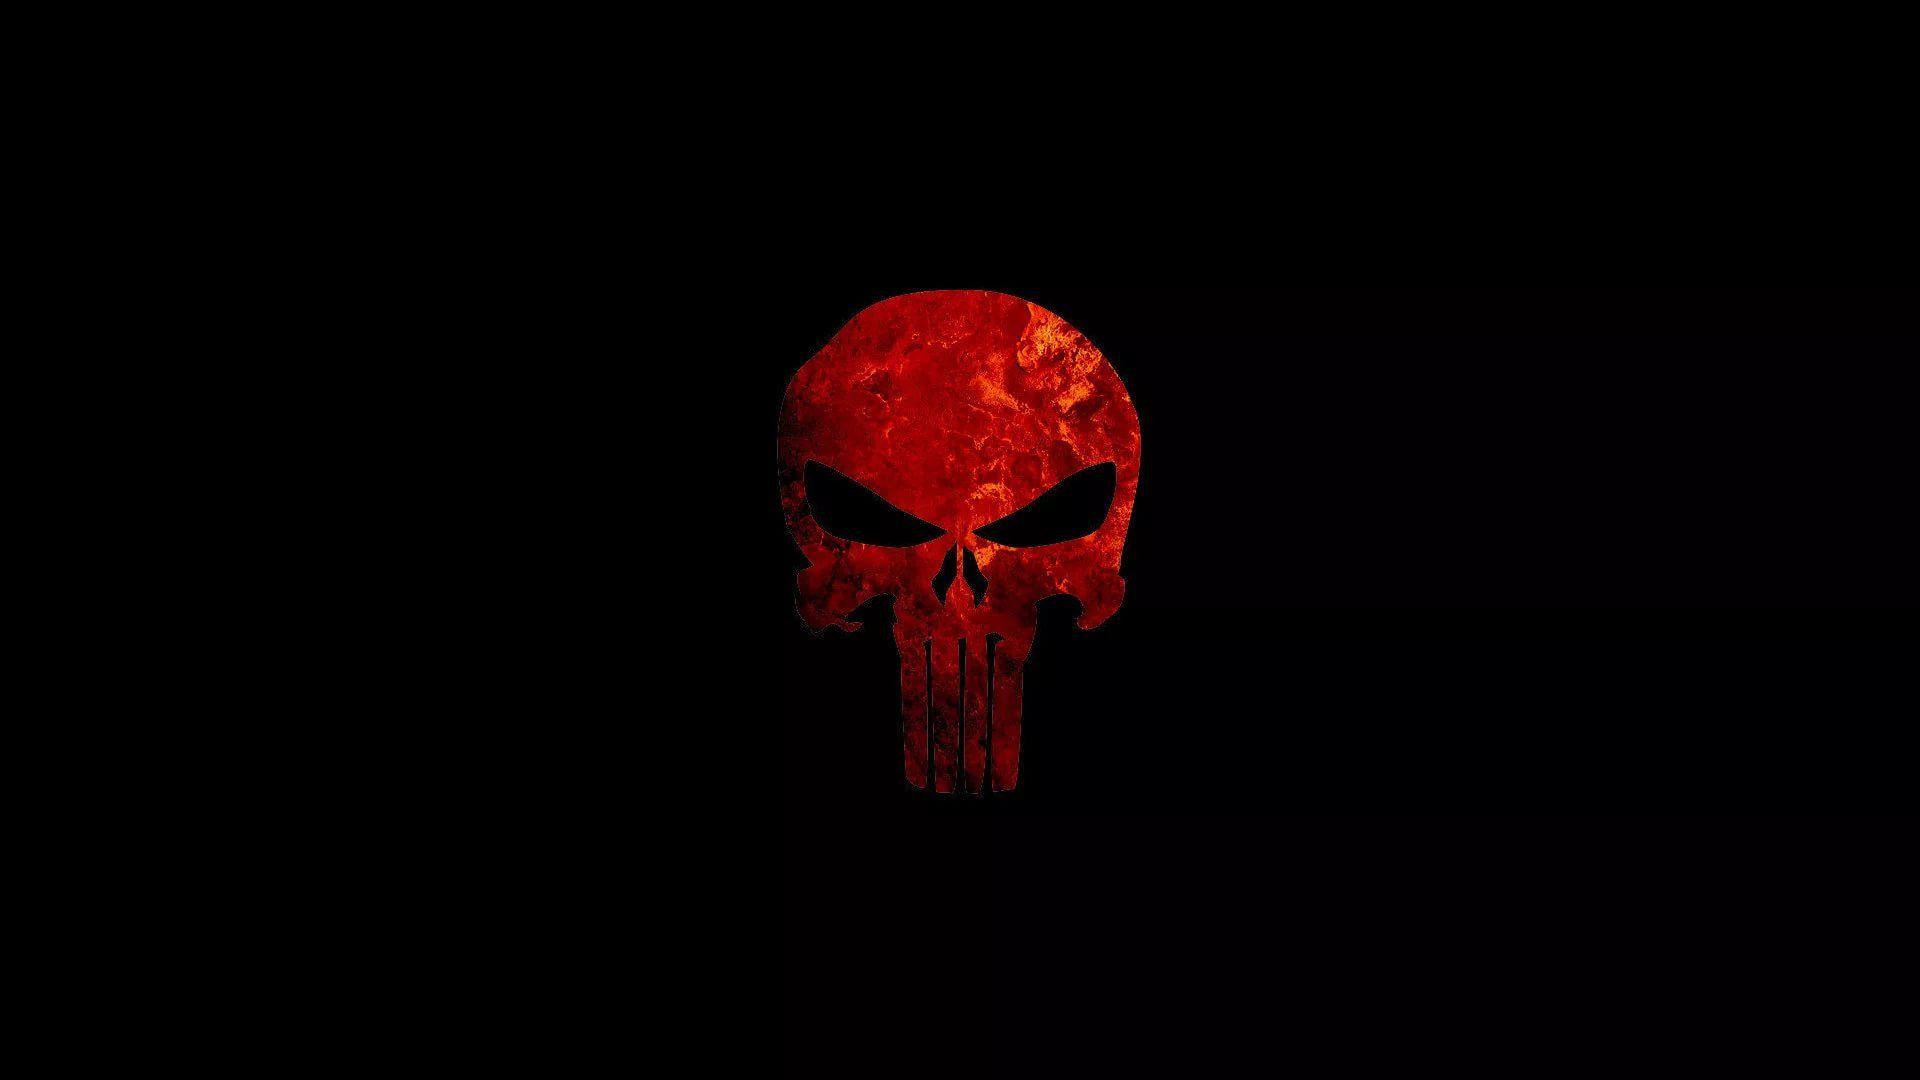 Punisher Skull hd wallpaper for laptop